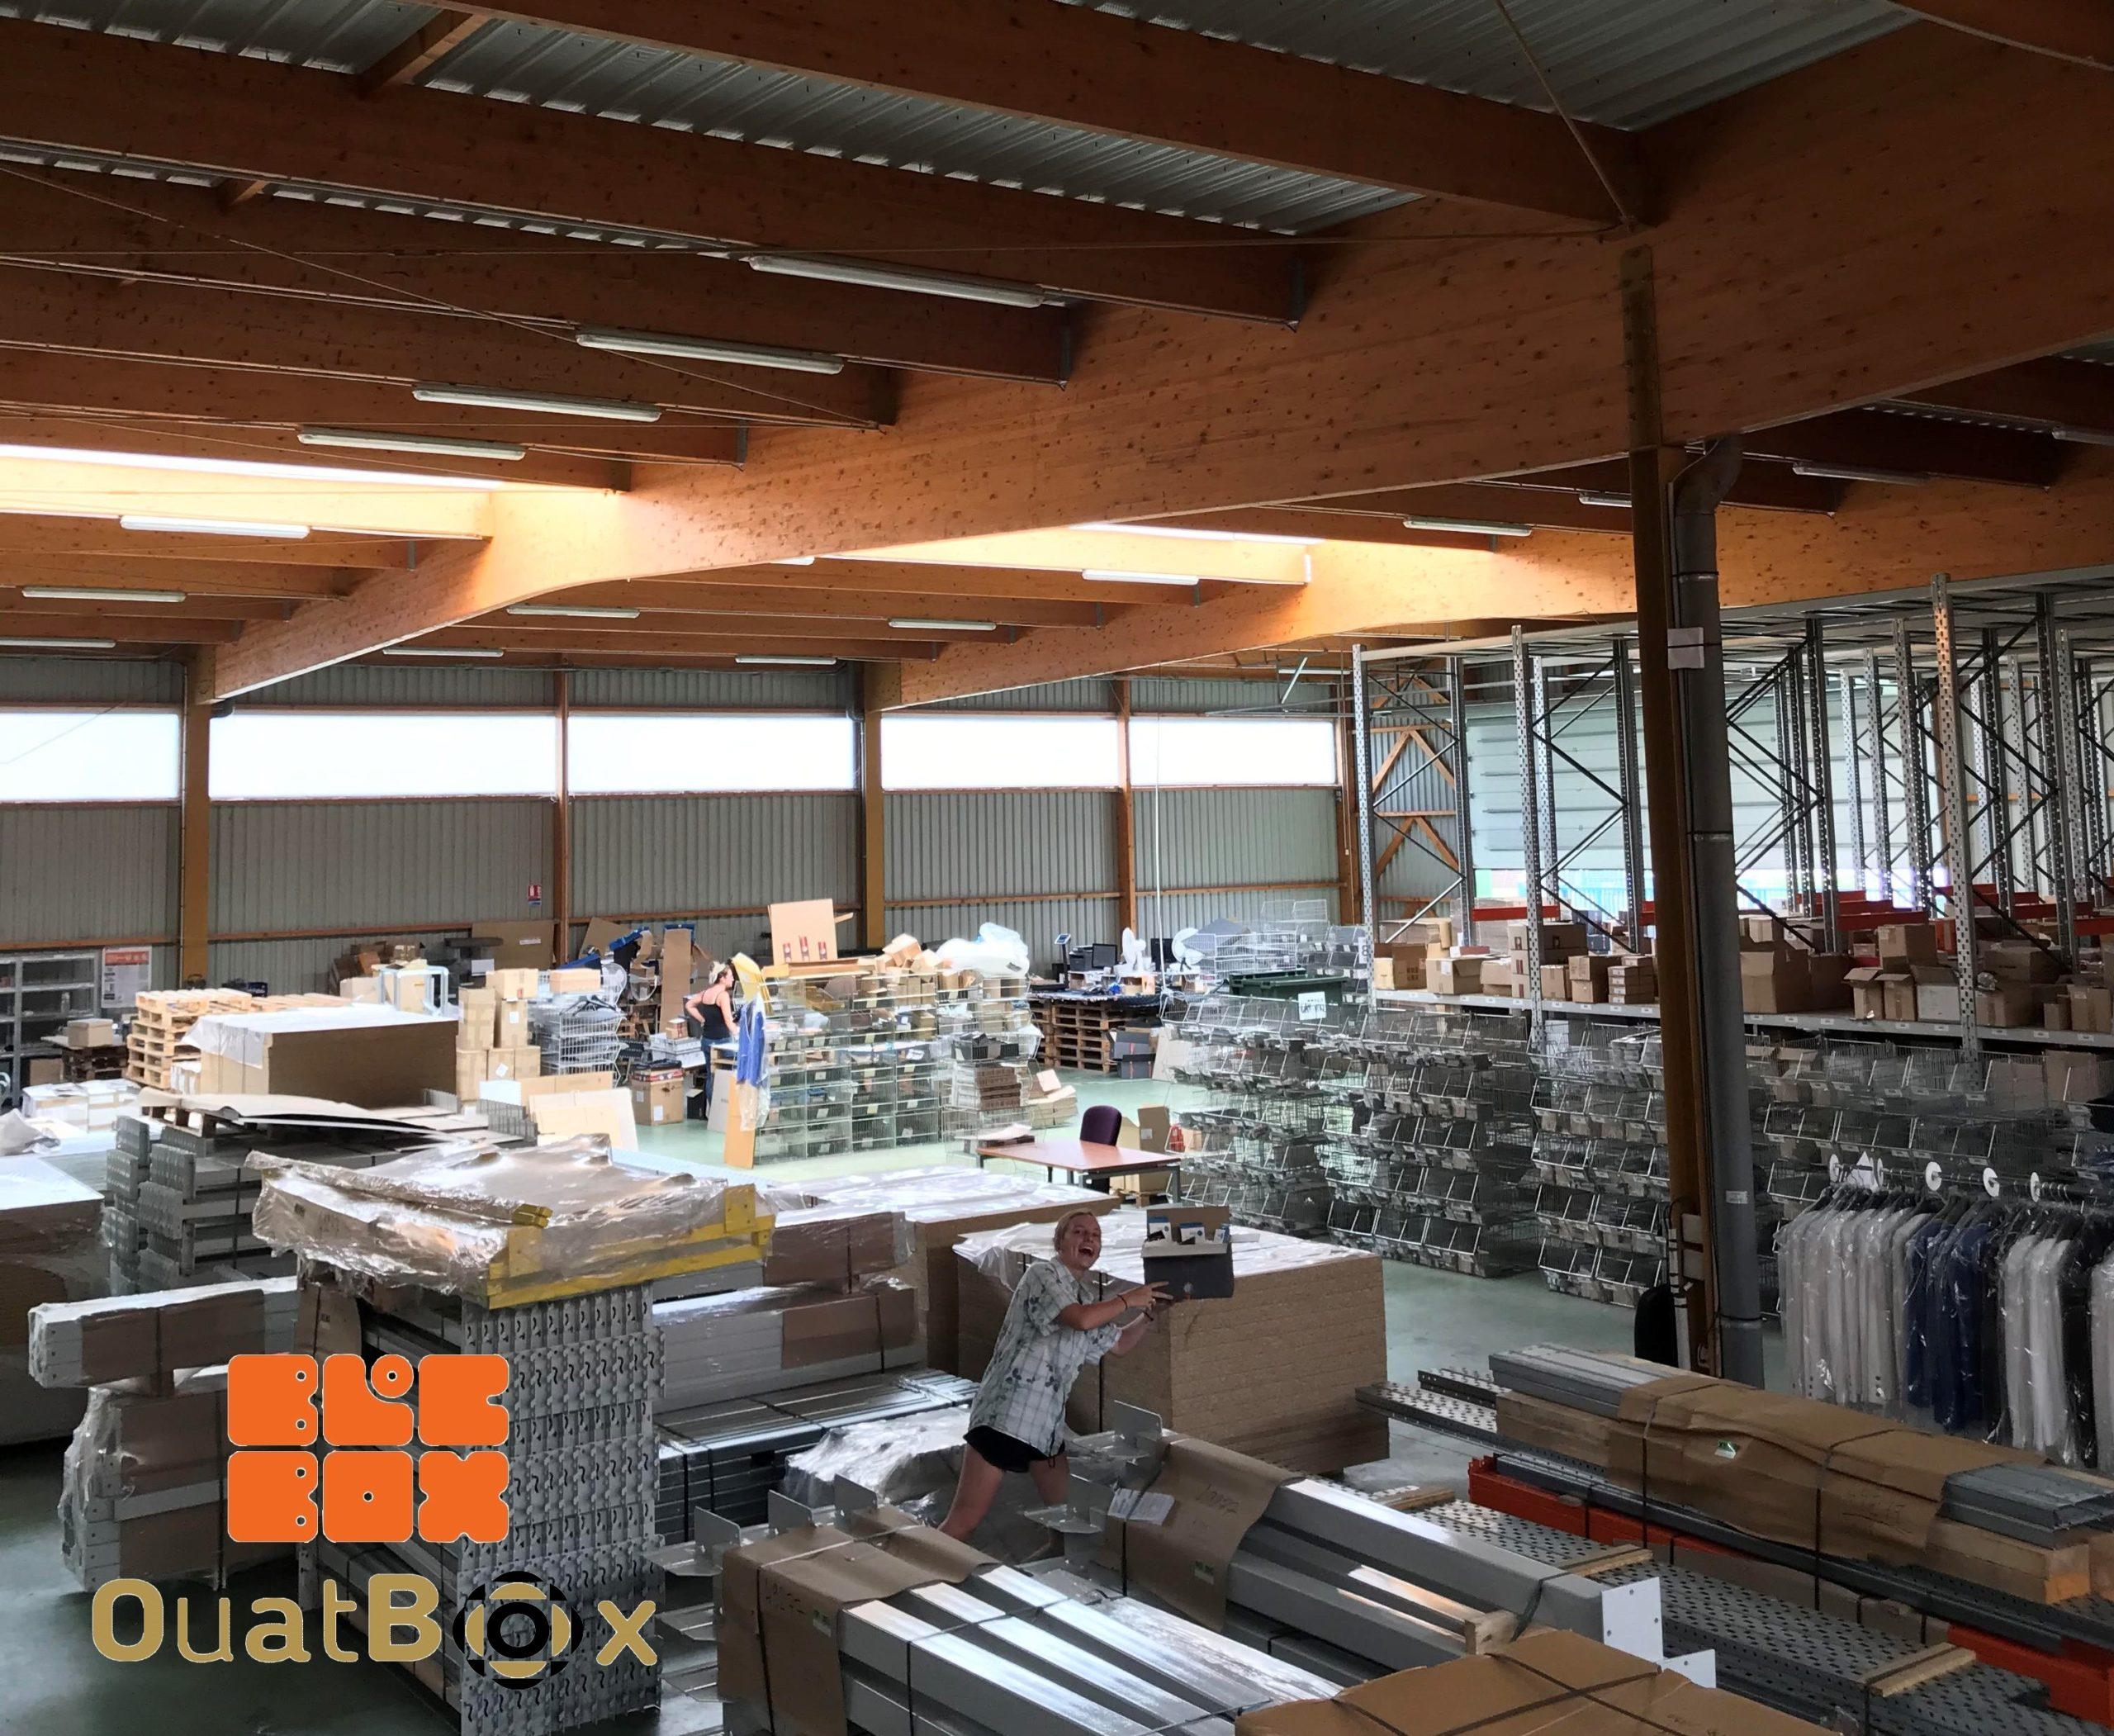 BlocBox OuatBox склад логистика Etxe logistika материал для наполнителя